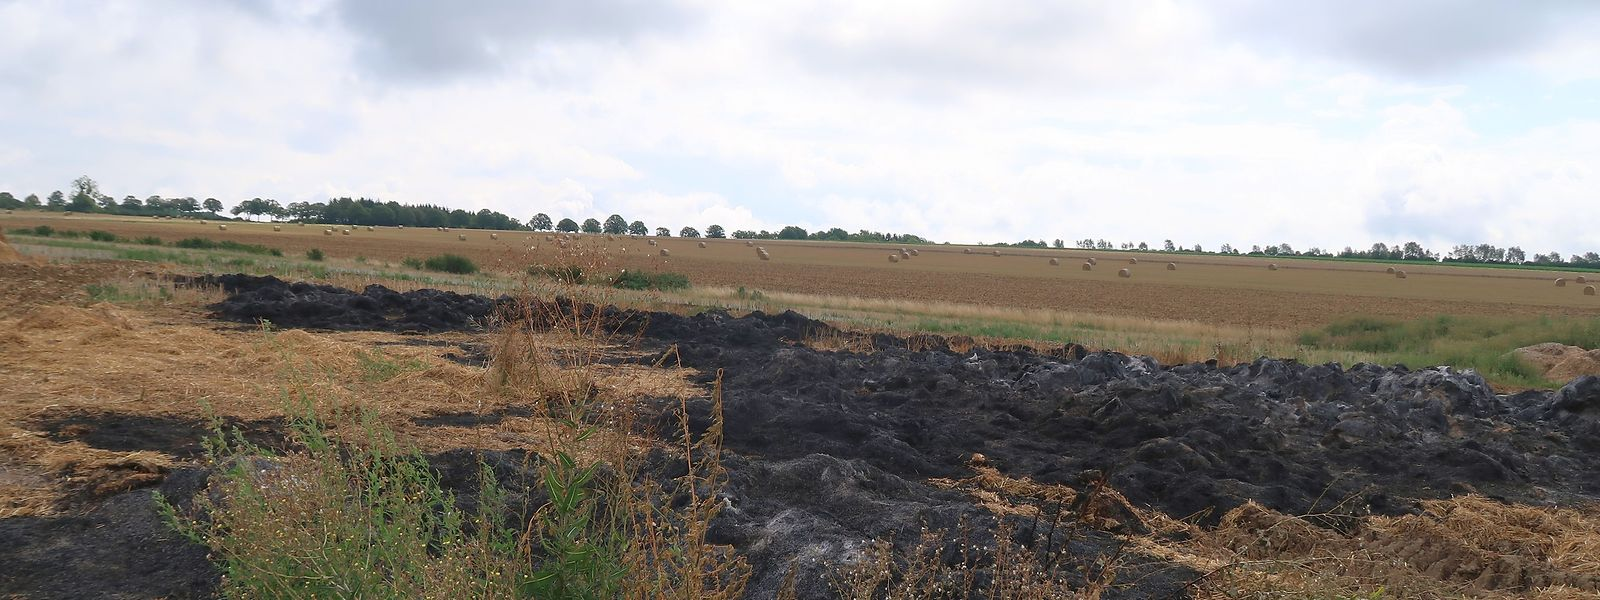 Ein verkohltes Feld und verbrannte Strohreste zeugen gegenwärtig noch von der Feuersbrunst, der allein am vergangenen Sonntag 150 Strohballen in Bürmeringen zum Opfer fielen.